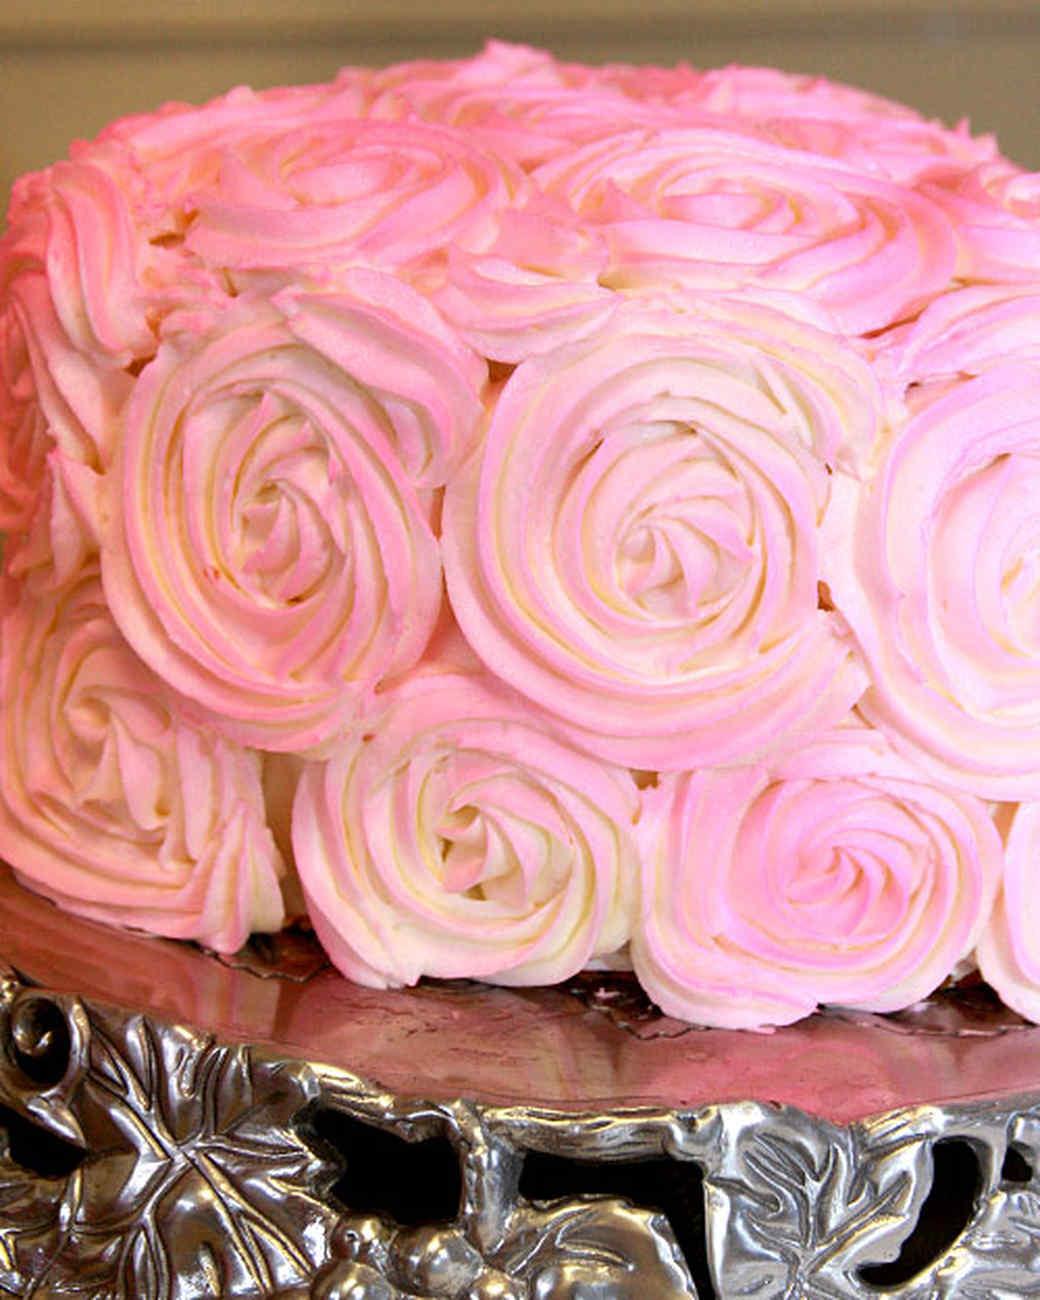 ms_celebrate_rose_cake.jpg